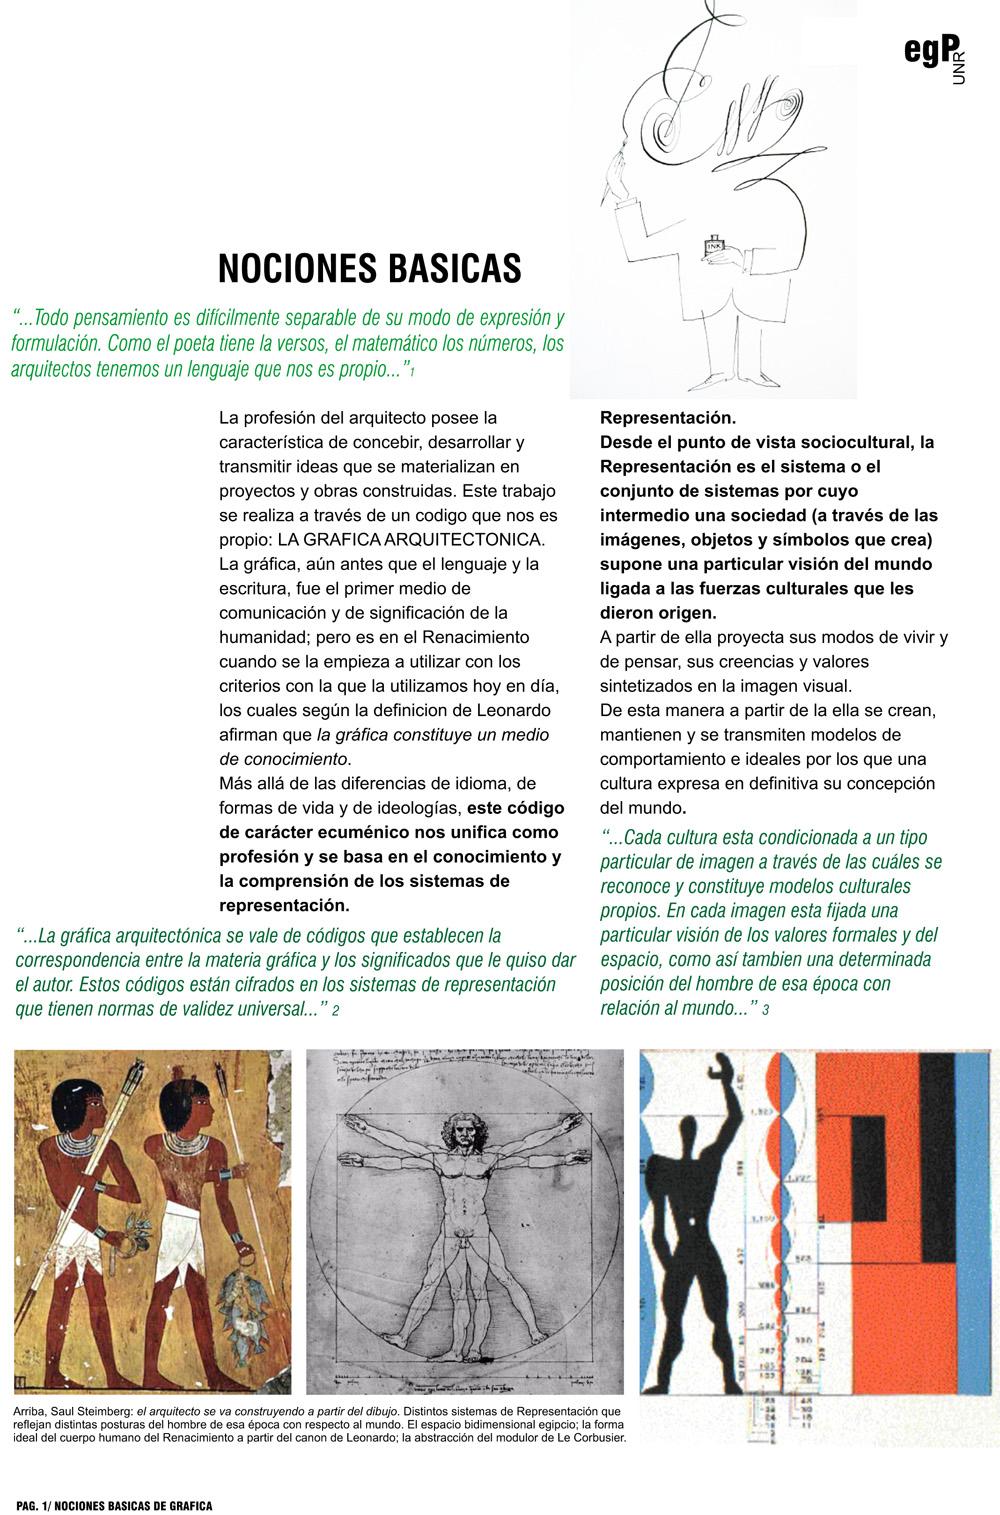 EG1- 2011- MODULO 1 Nociones basicas